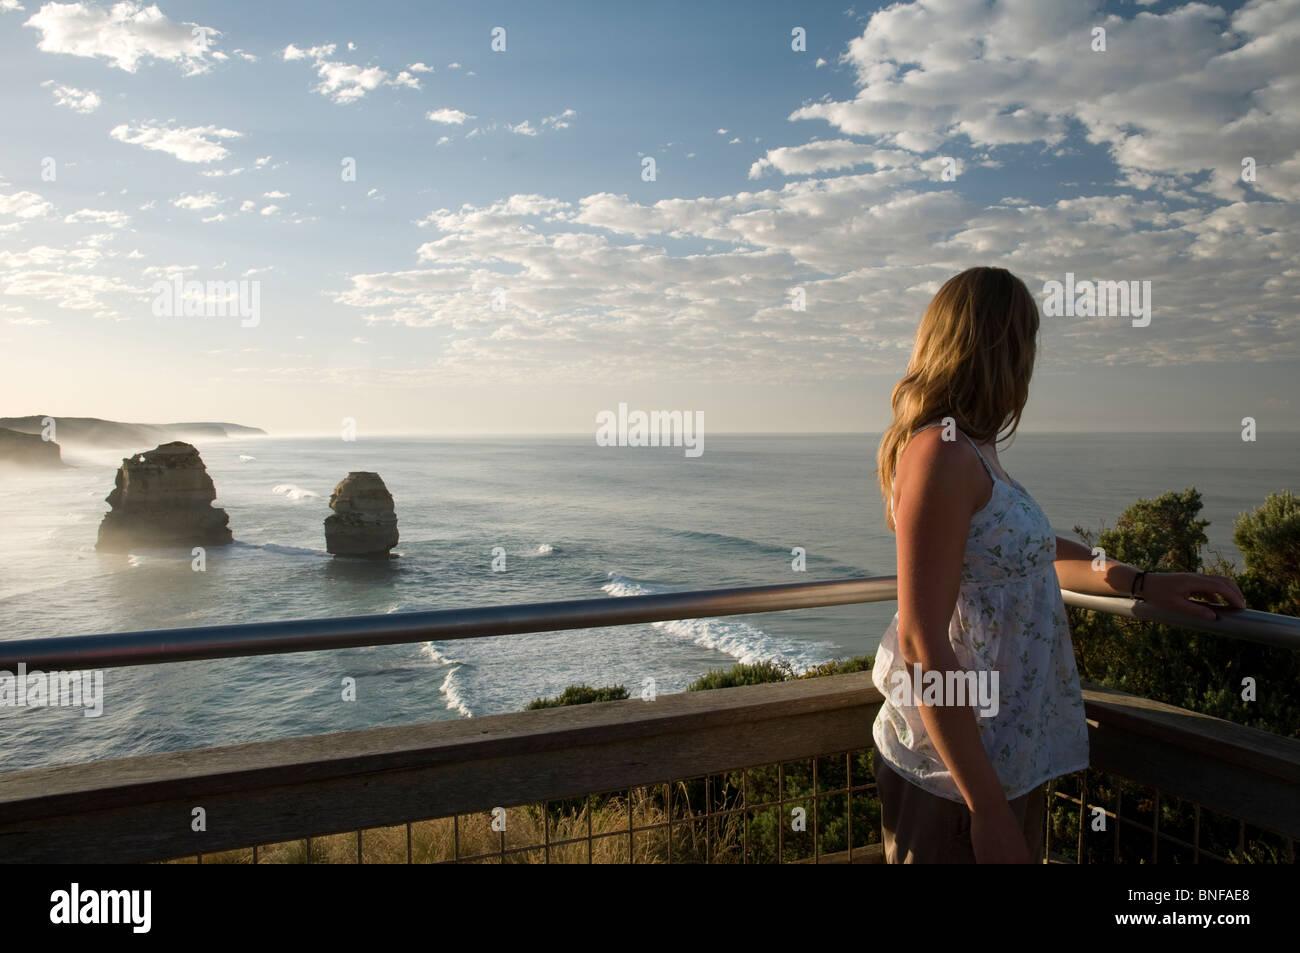 Mujer de pie en un balcón con el litoral de los Doce Apóstoles en el fondo Imagen De Stock